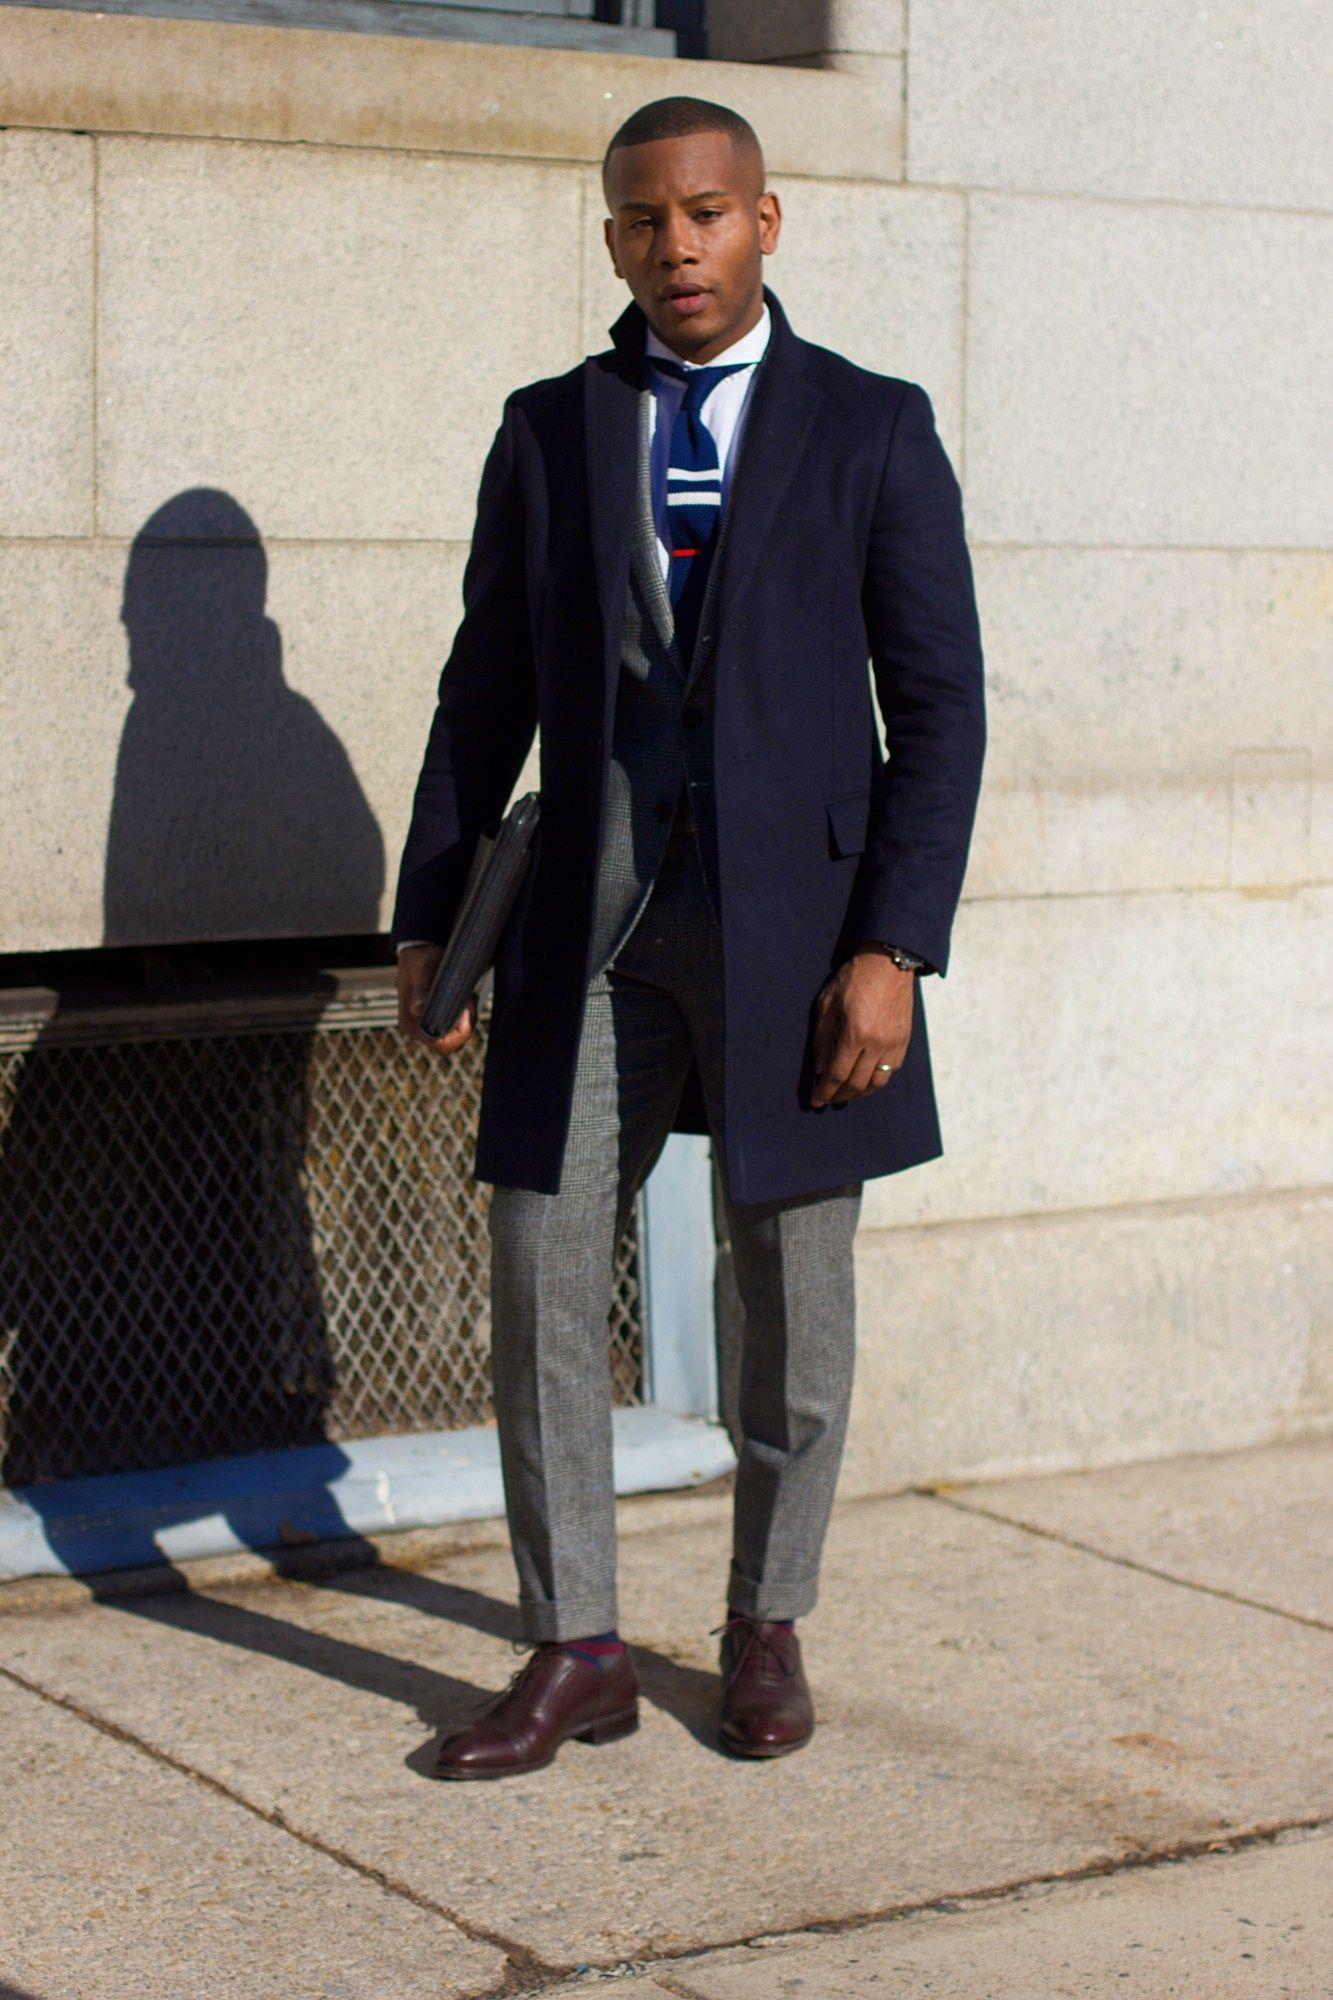 Mens Navy Topcoat Over Suit Sabir M Peele In Uniqlo Coat Winter